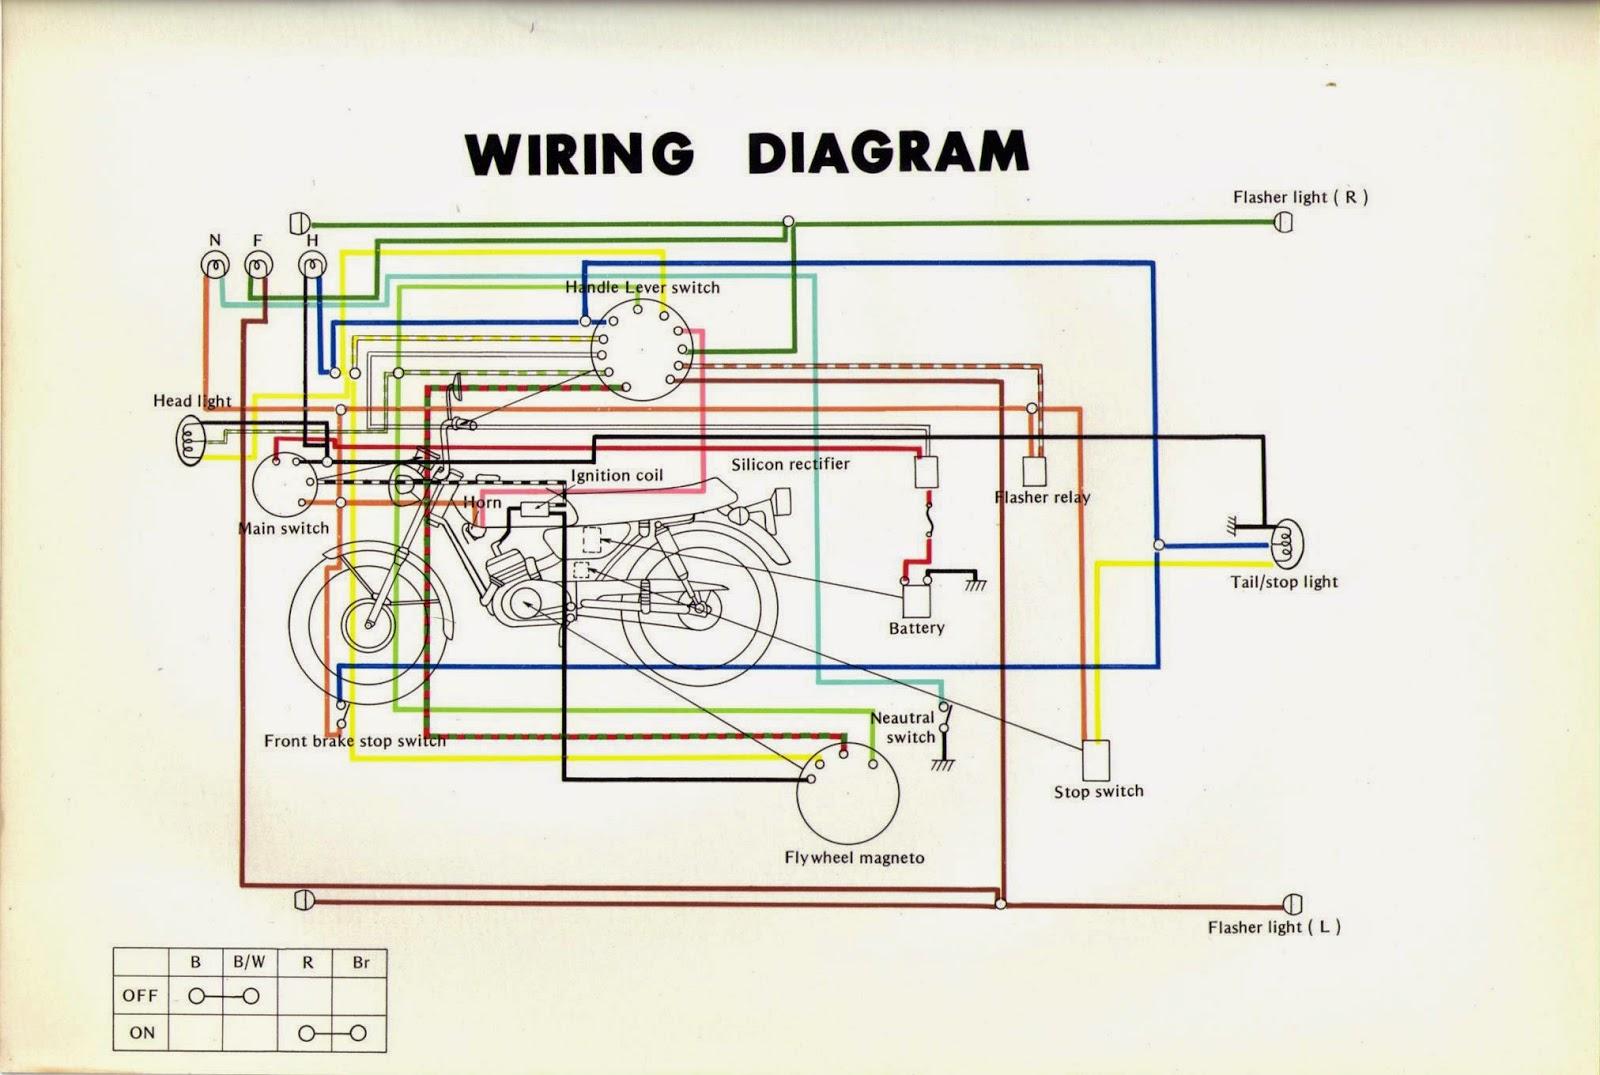 Yamaha Jog 90 Wiring Diagram - Wiring Diagrams on